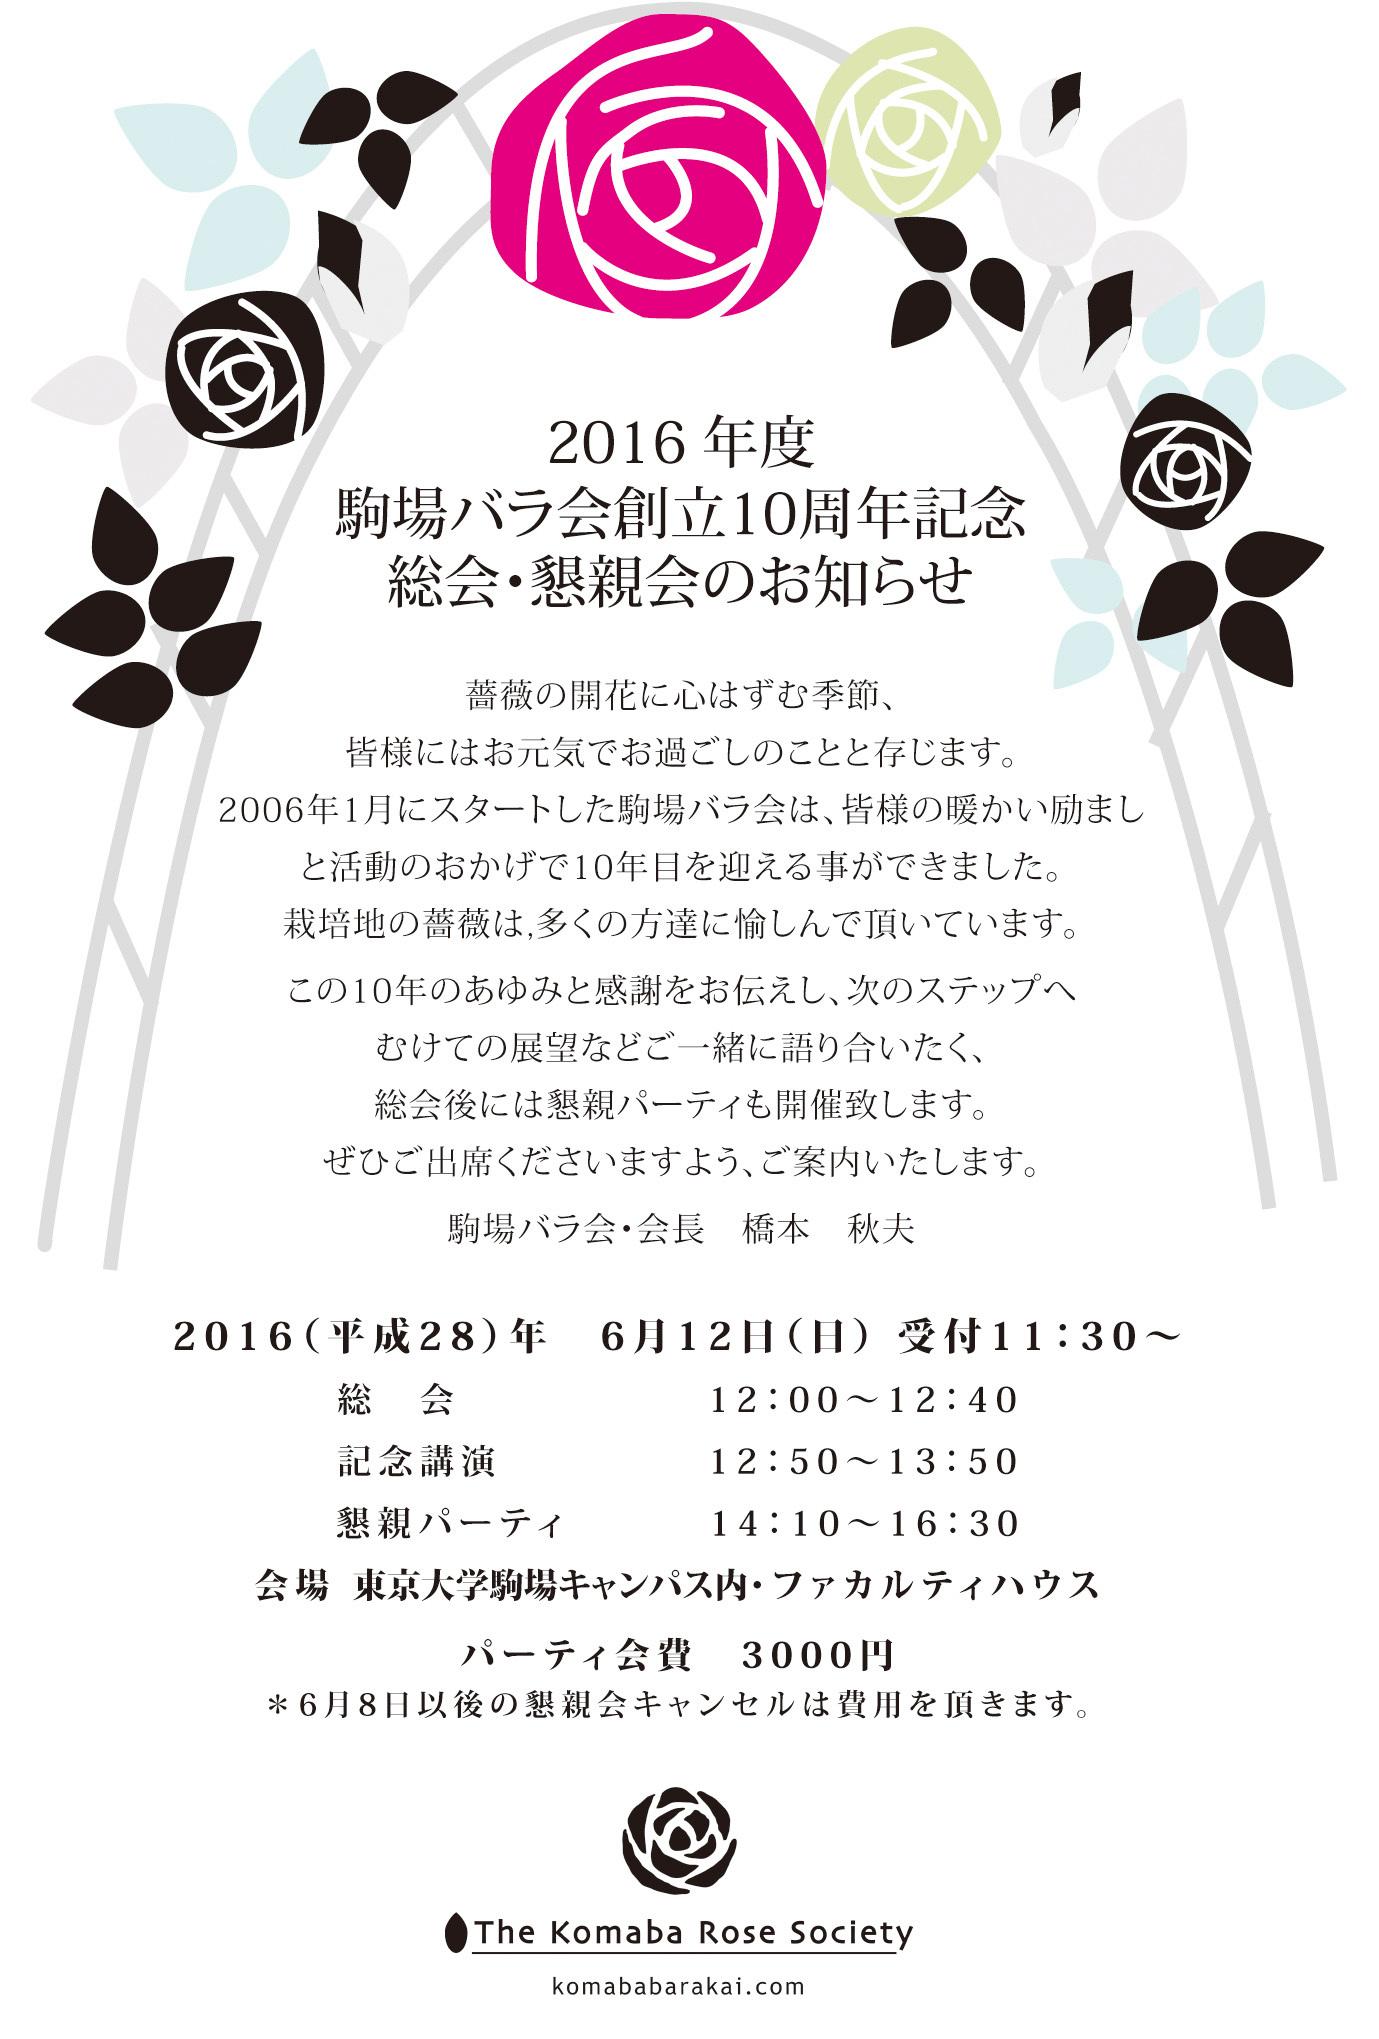 駒場バラ会創立10周年記念 総会・懇親会のお知らせ_a0094959_02433417.jpg